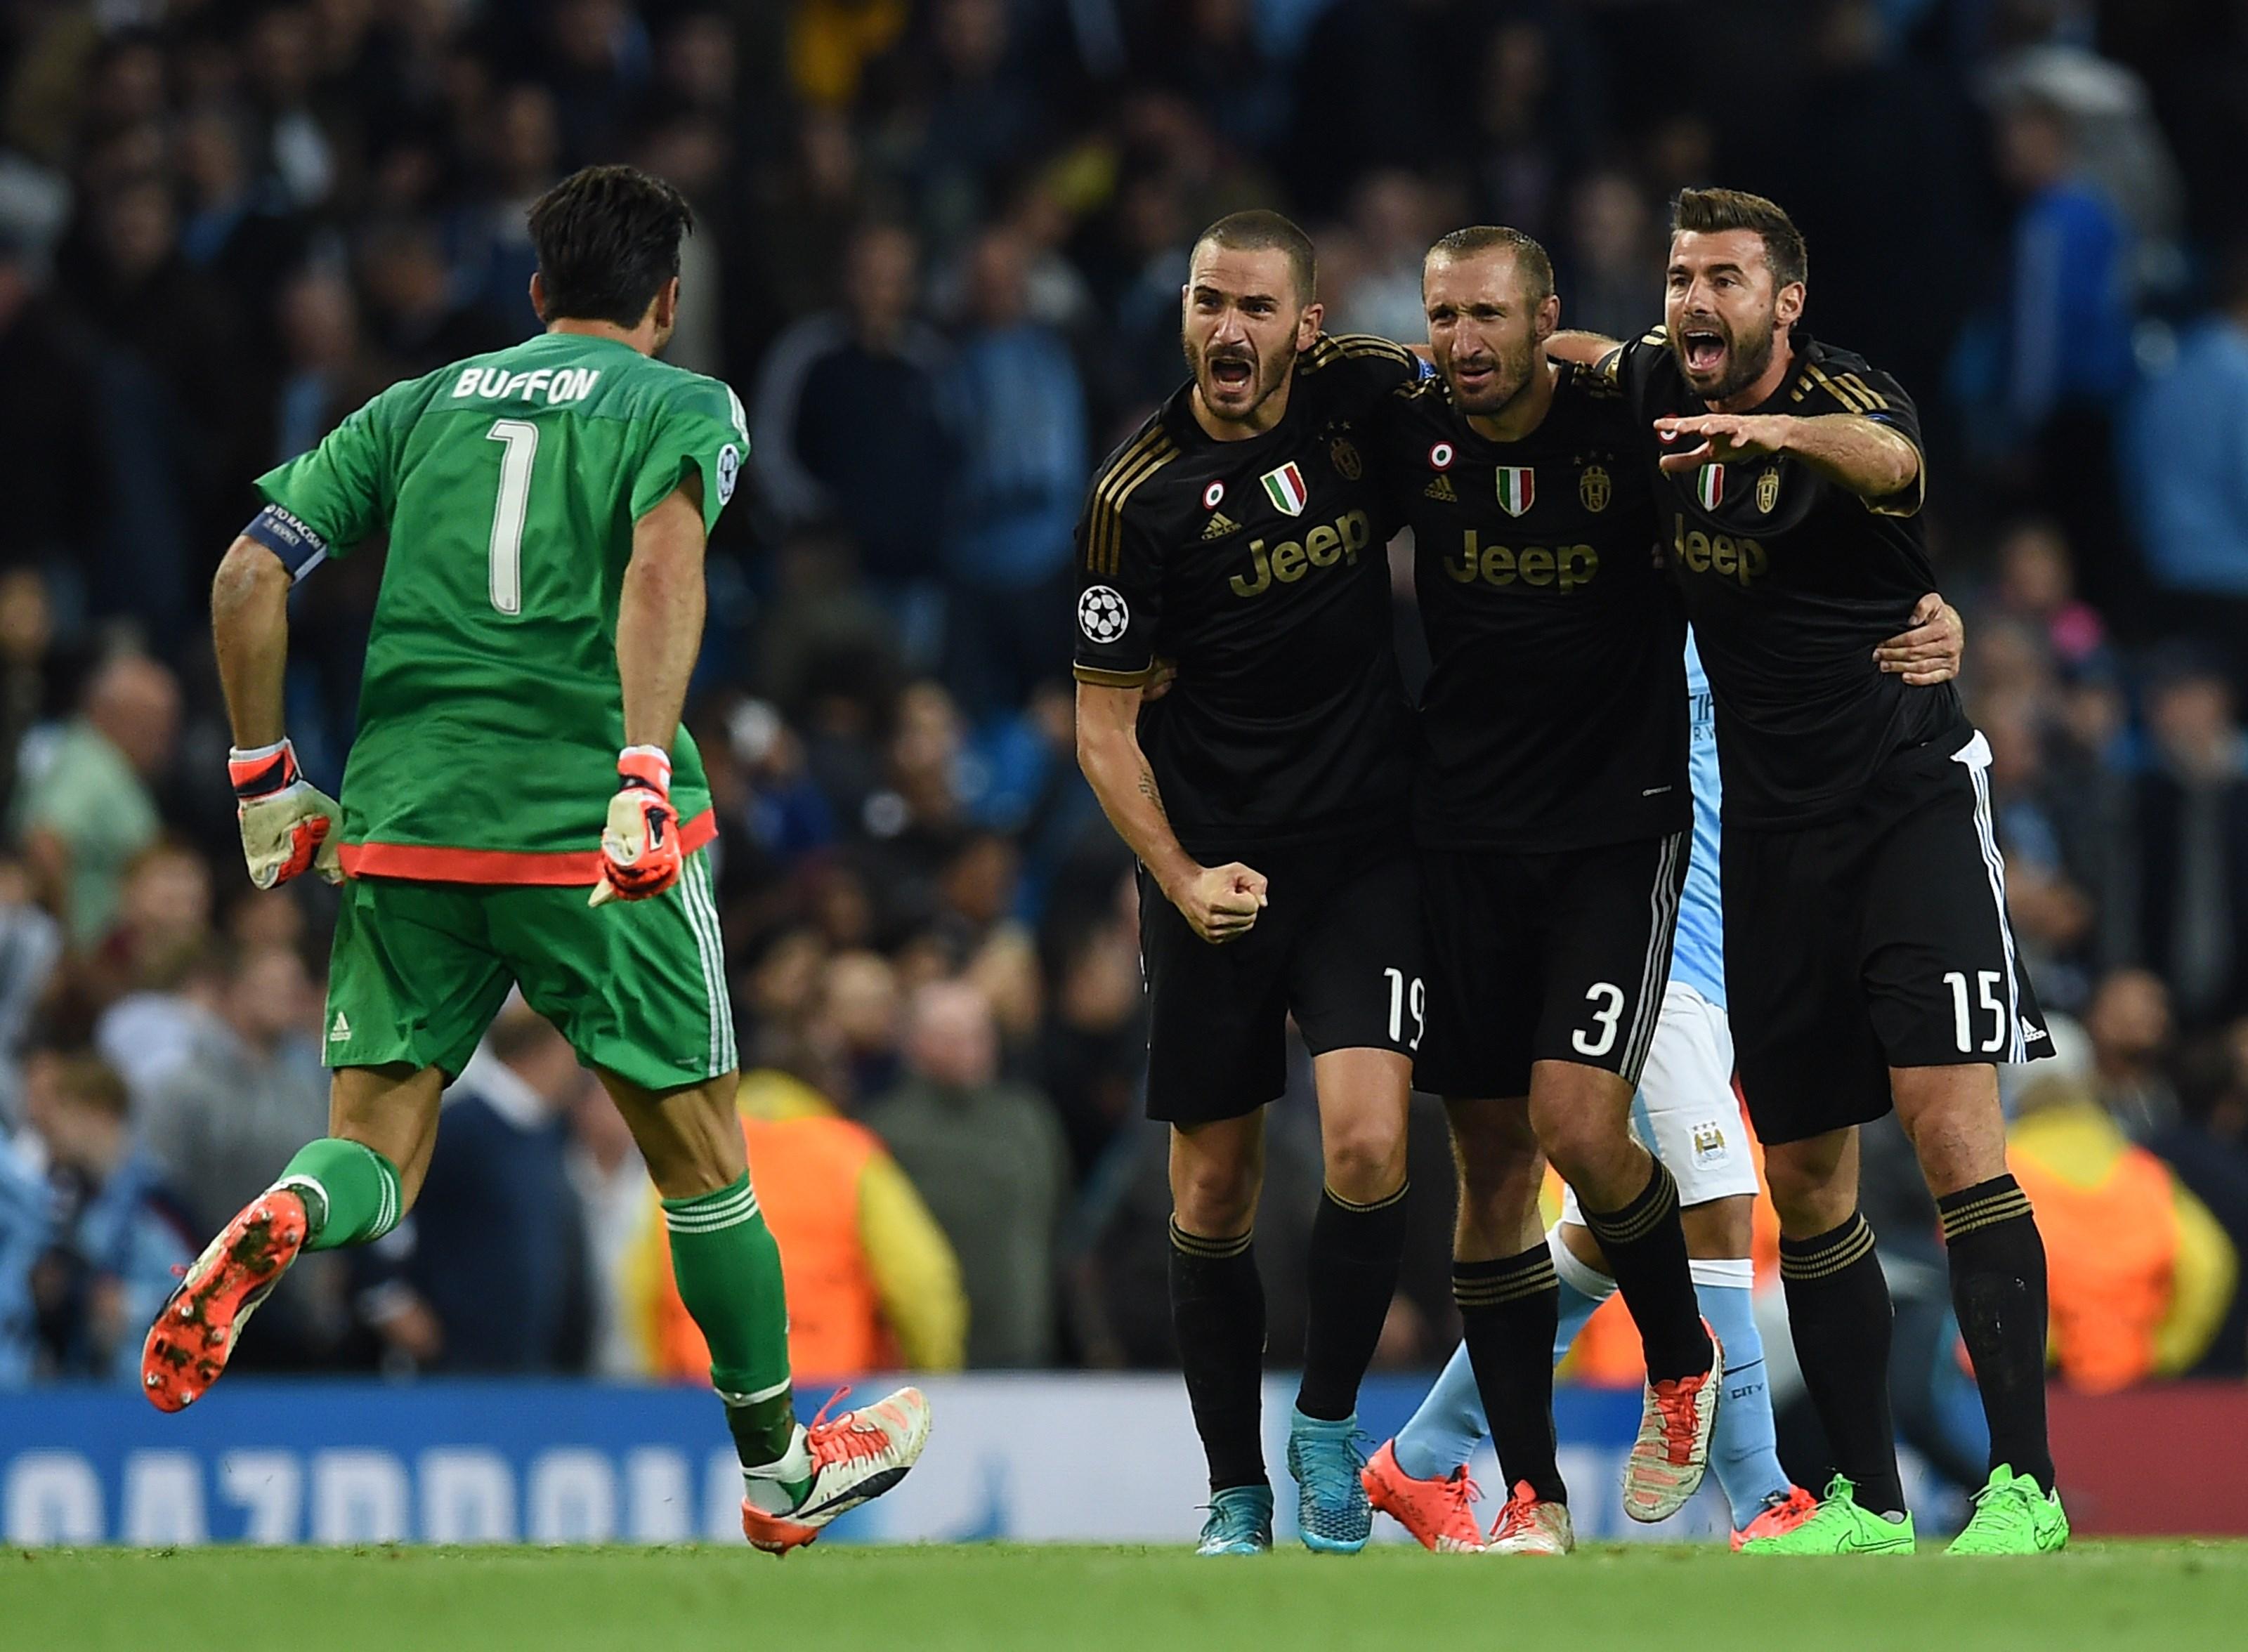 Défense Juventus